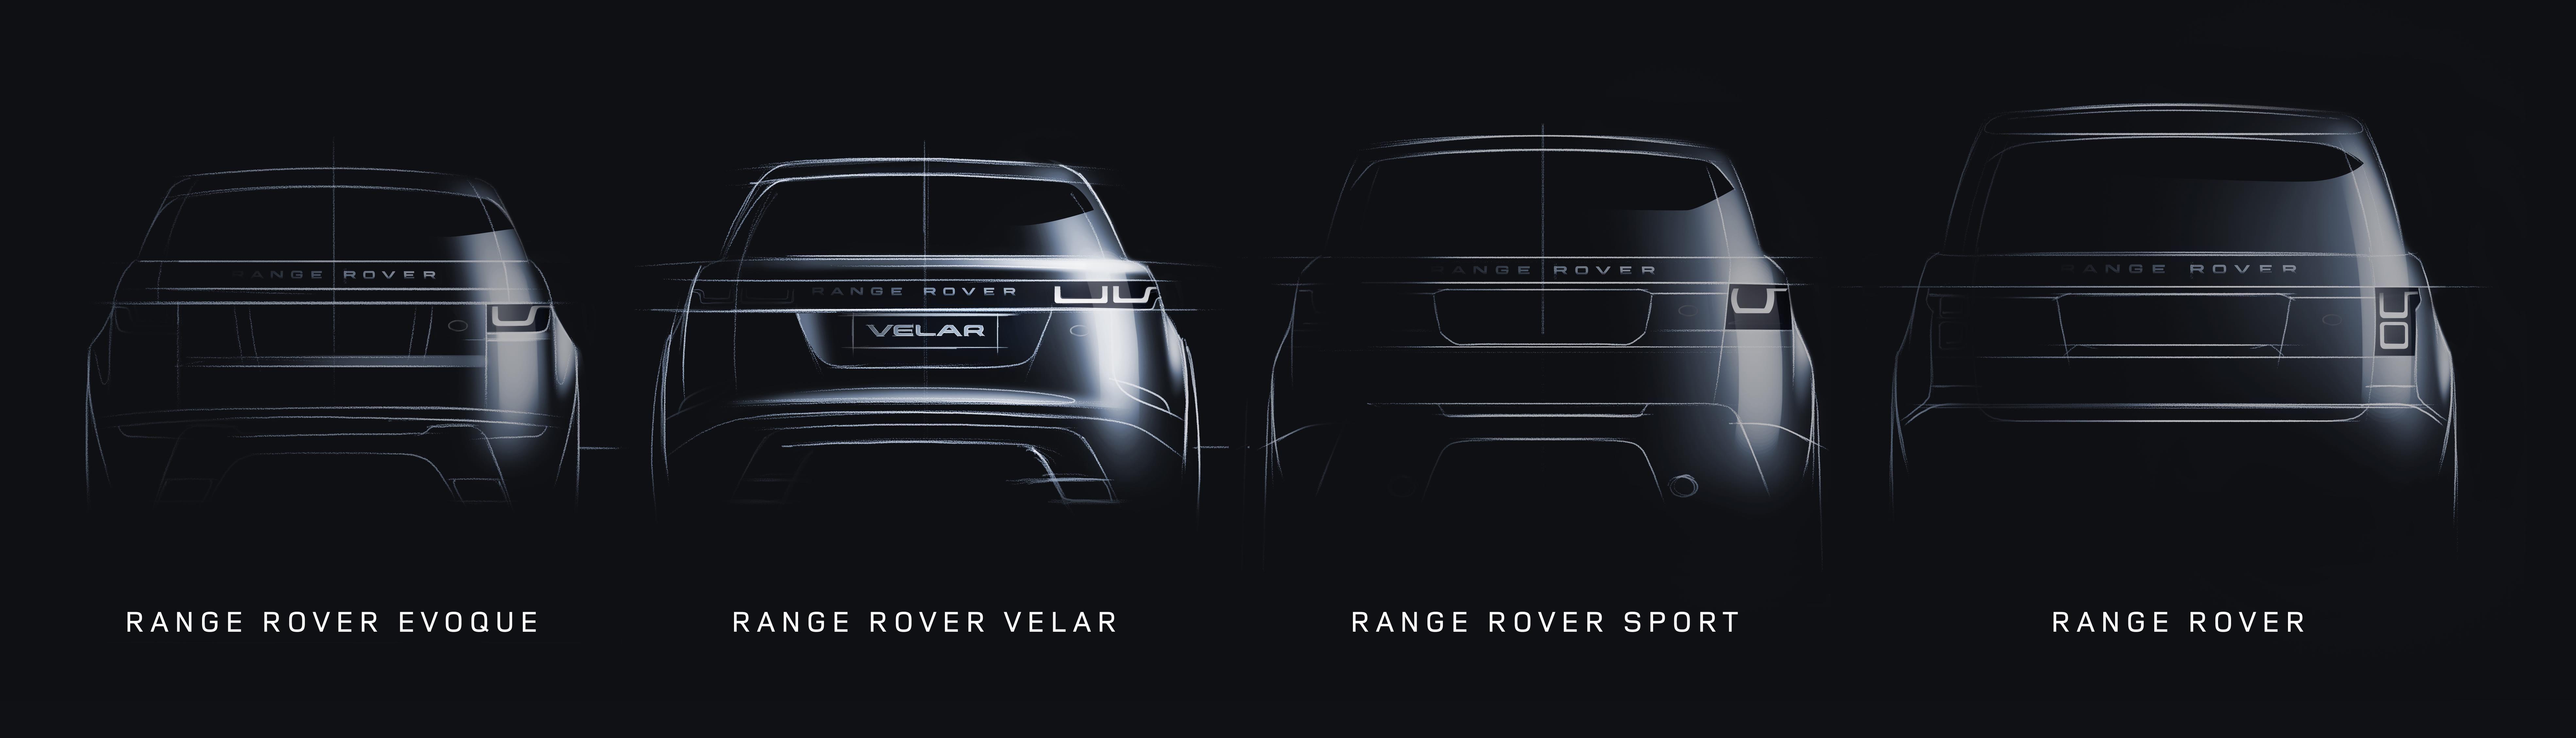 Range Rover Velar Family Range Rover Velar Forum